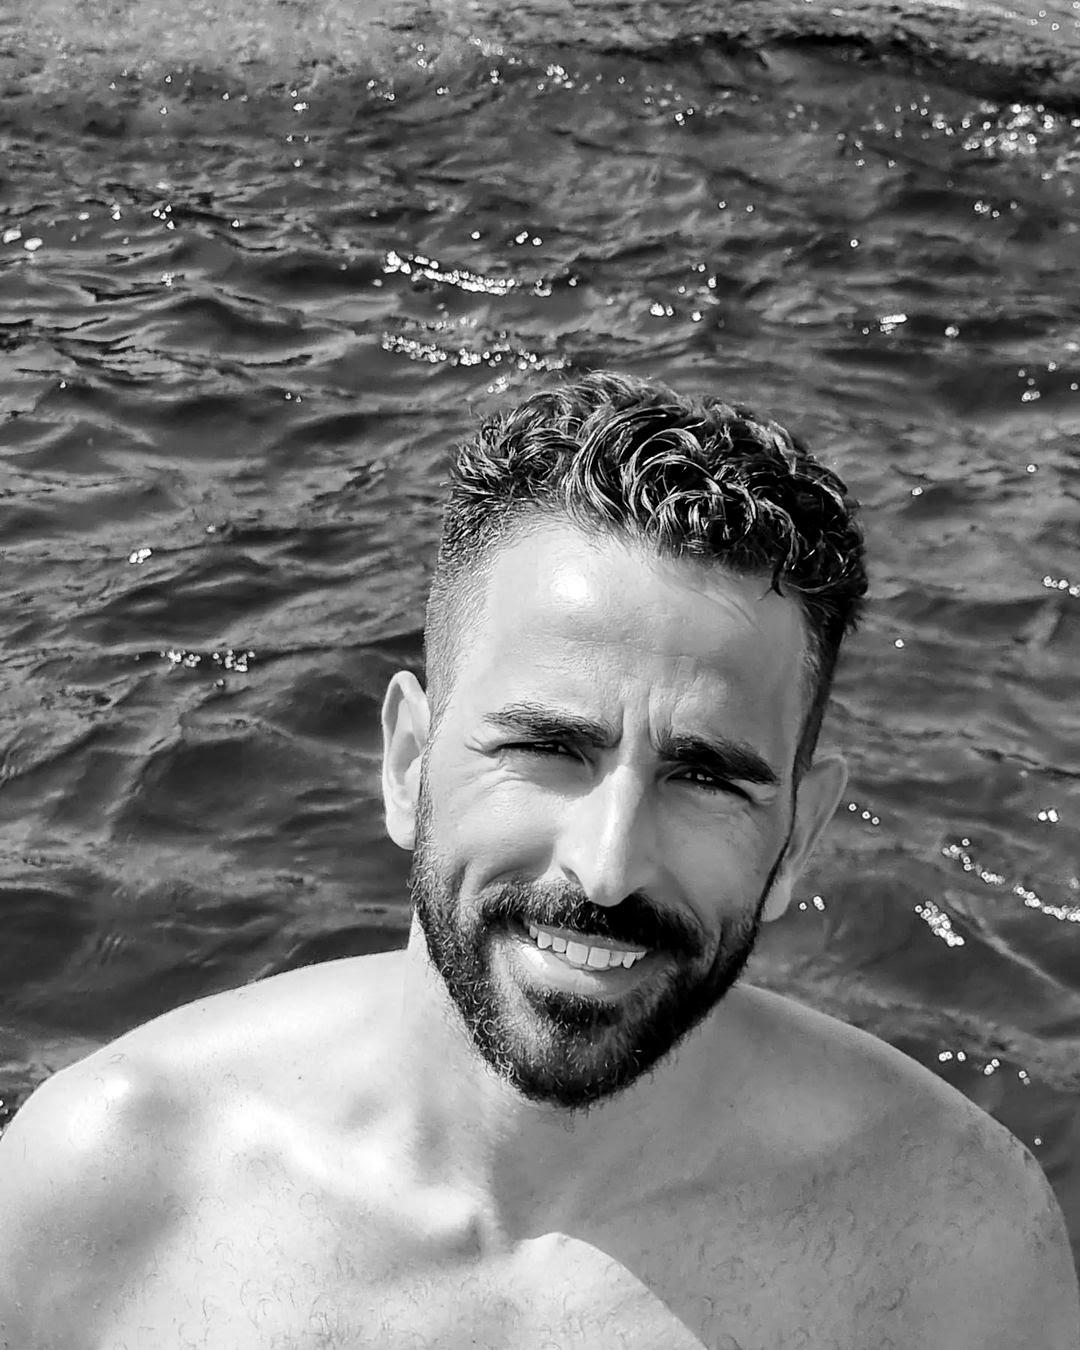 Al mal TiempO, una SonrisA, by Madrid Hasta en el Apellido